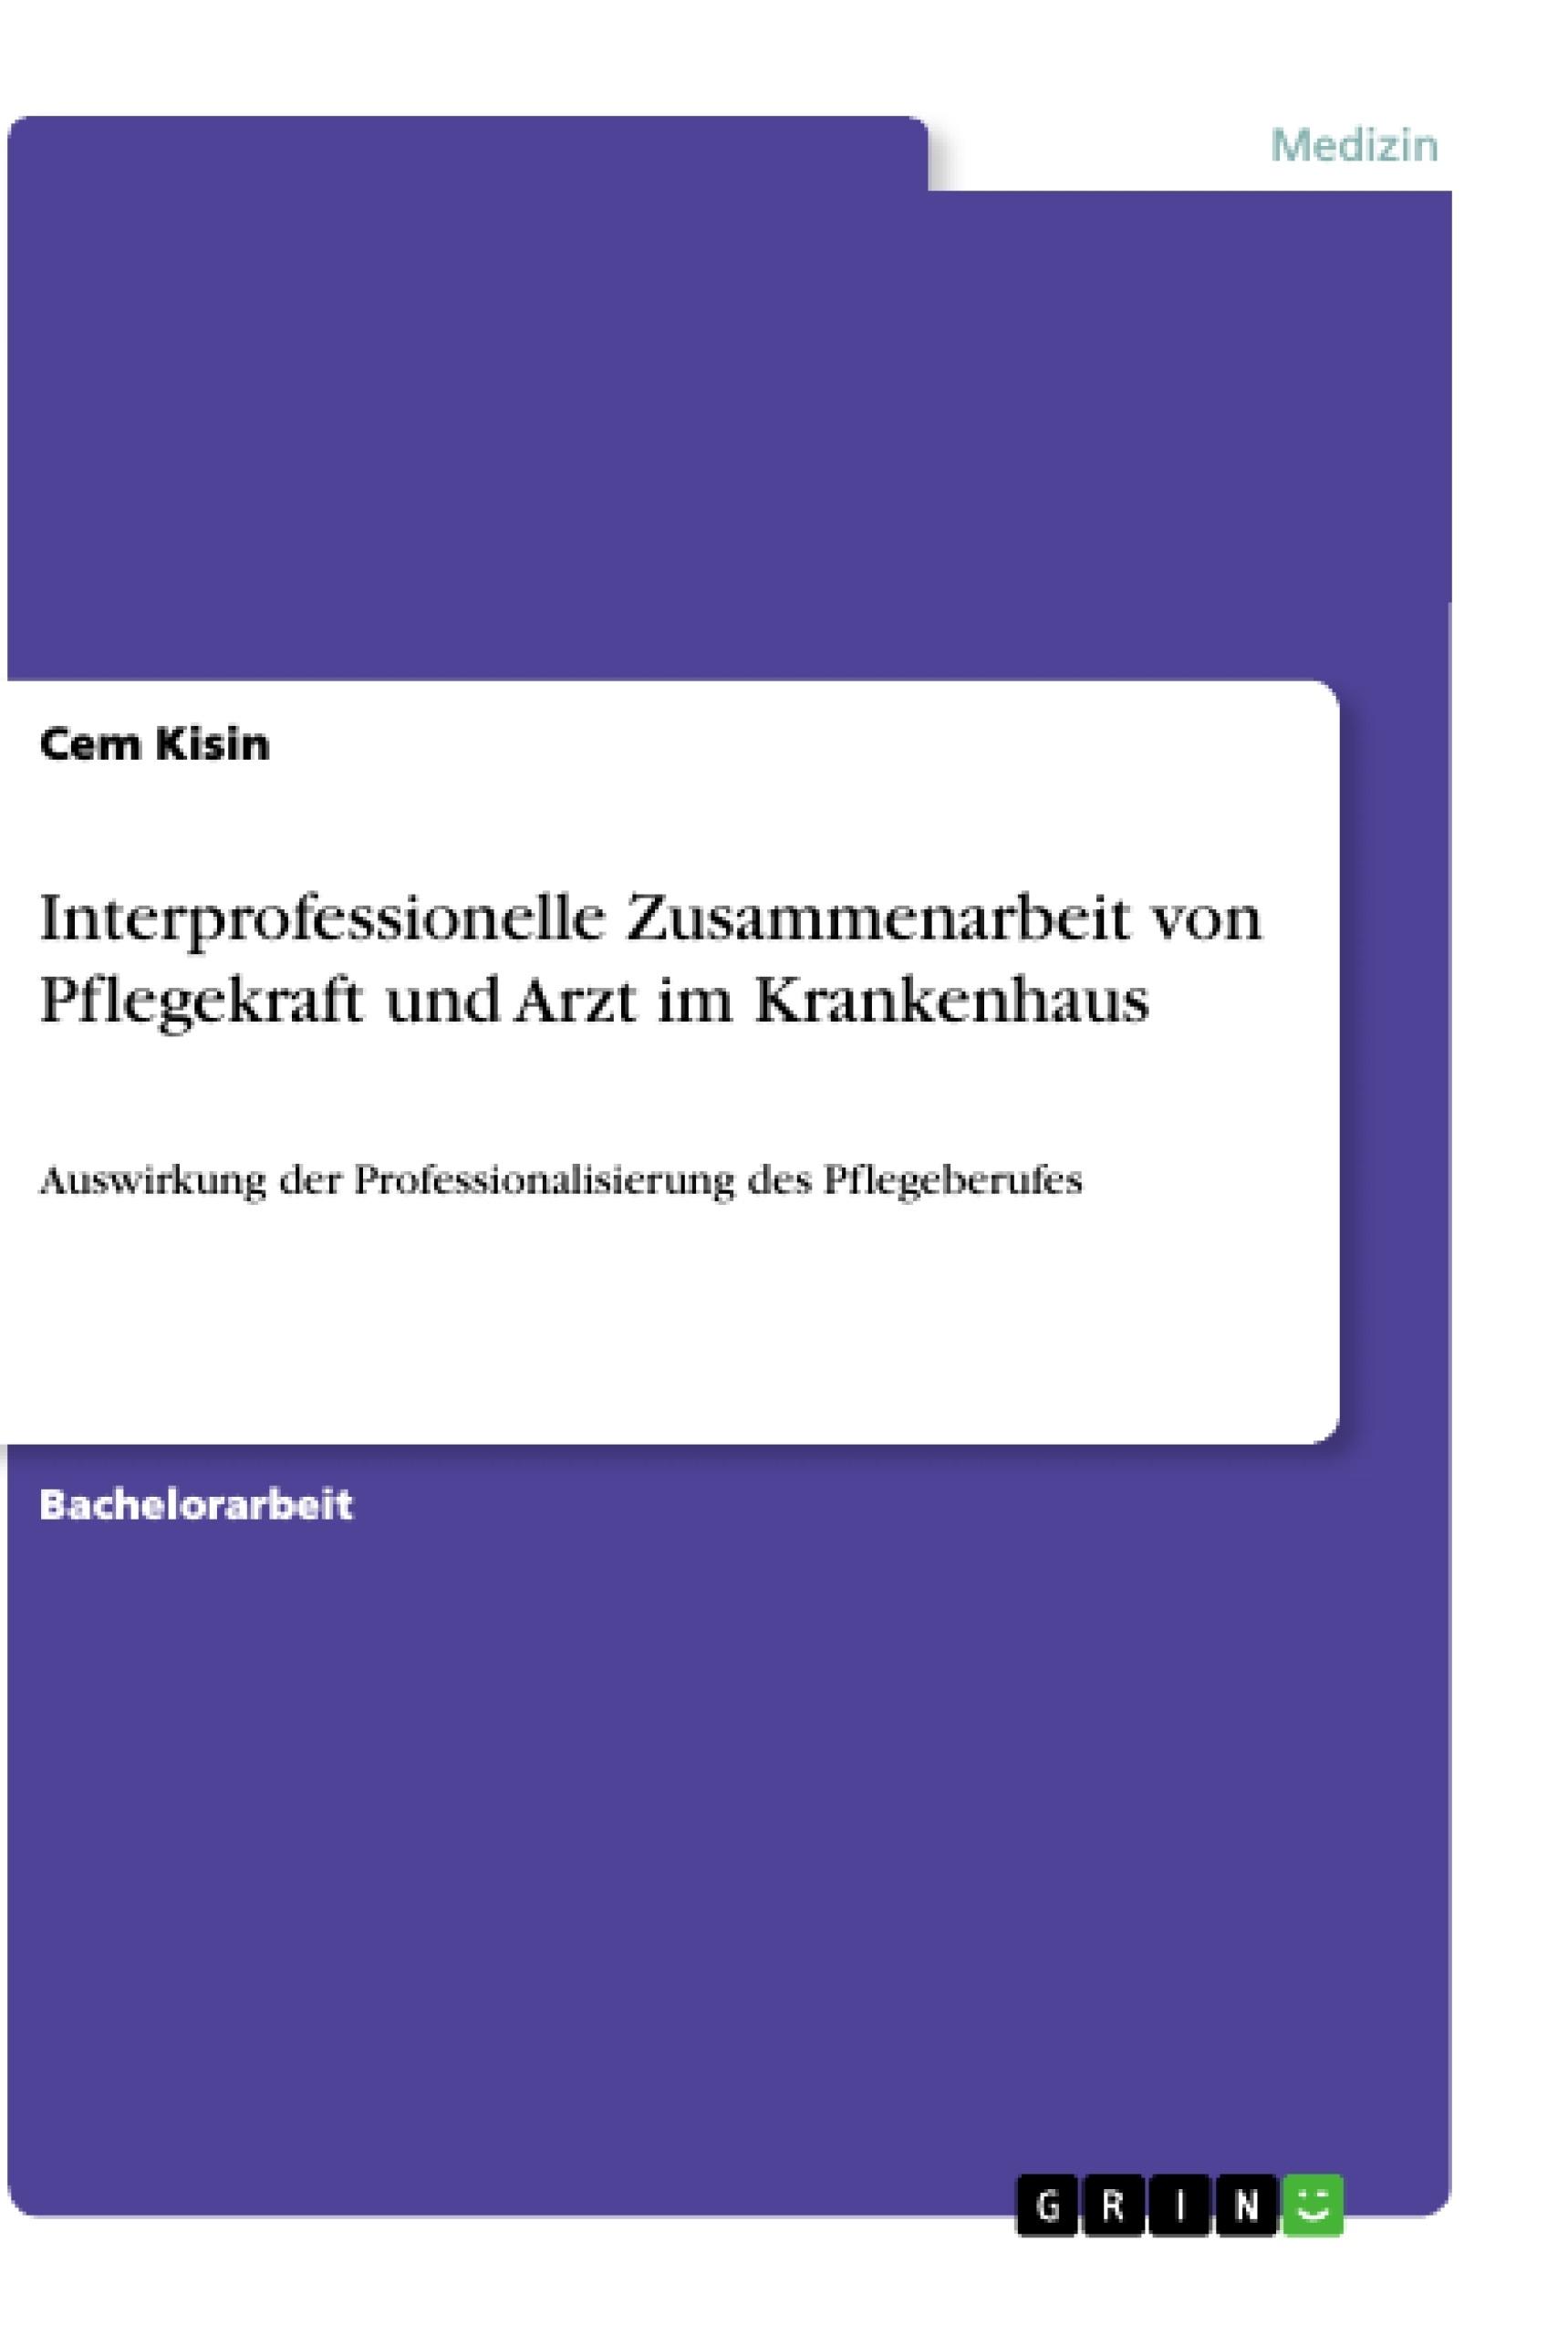 Titel: Interprofessionelle Zusammenarbeit von Pflegekraft und Arzt im Krankenhaus